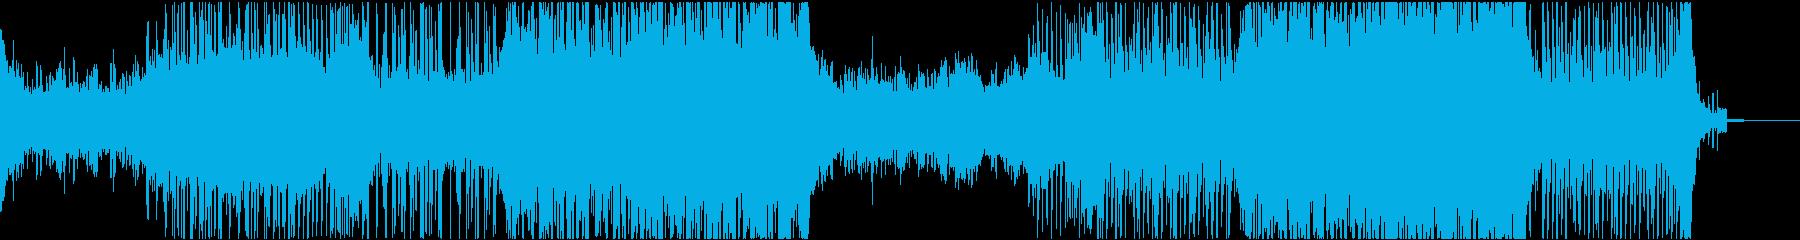 目まぐるしい展開のゲーム系シネマティックの再生済みの波形